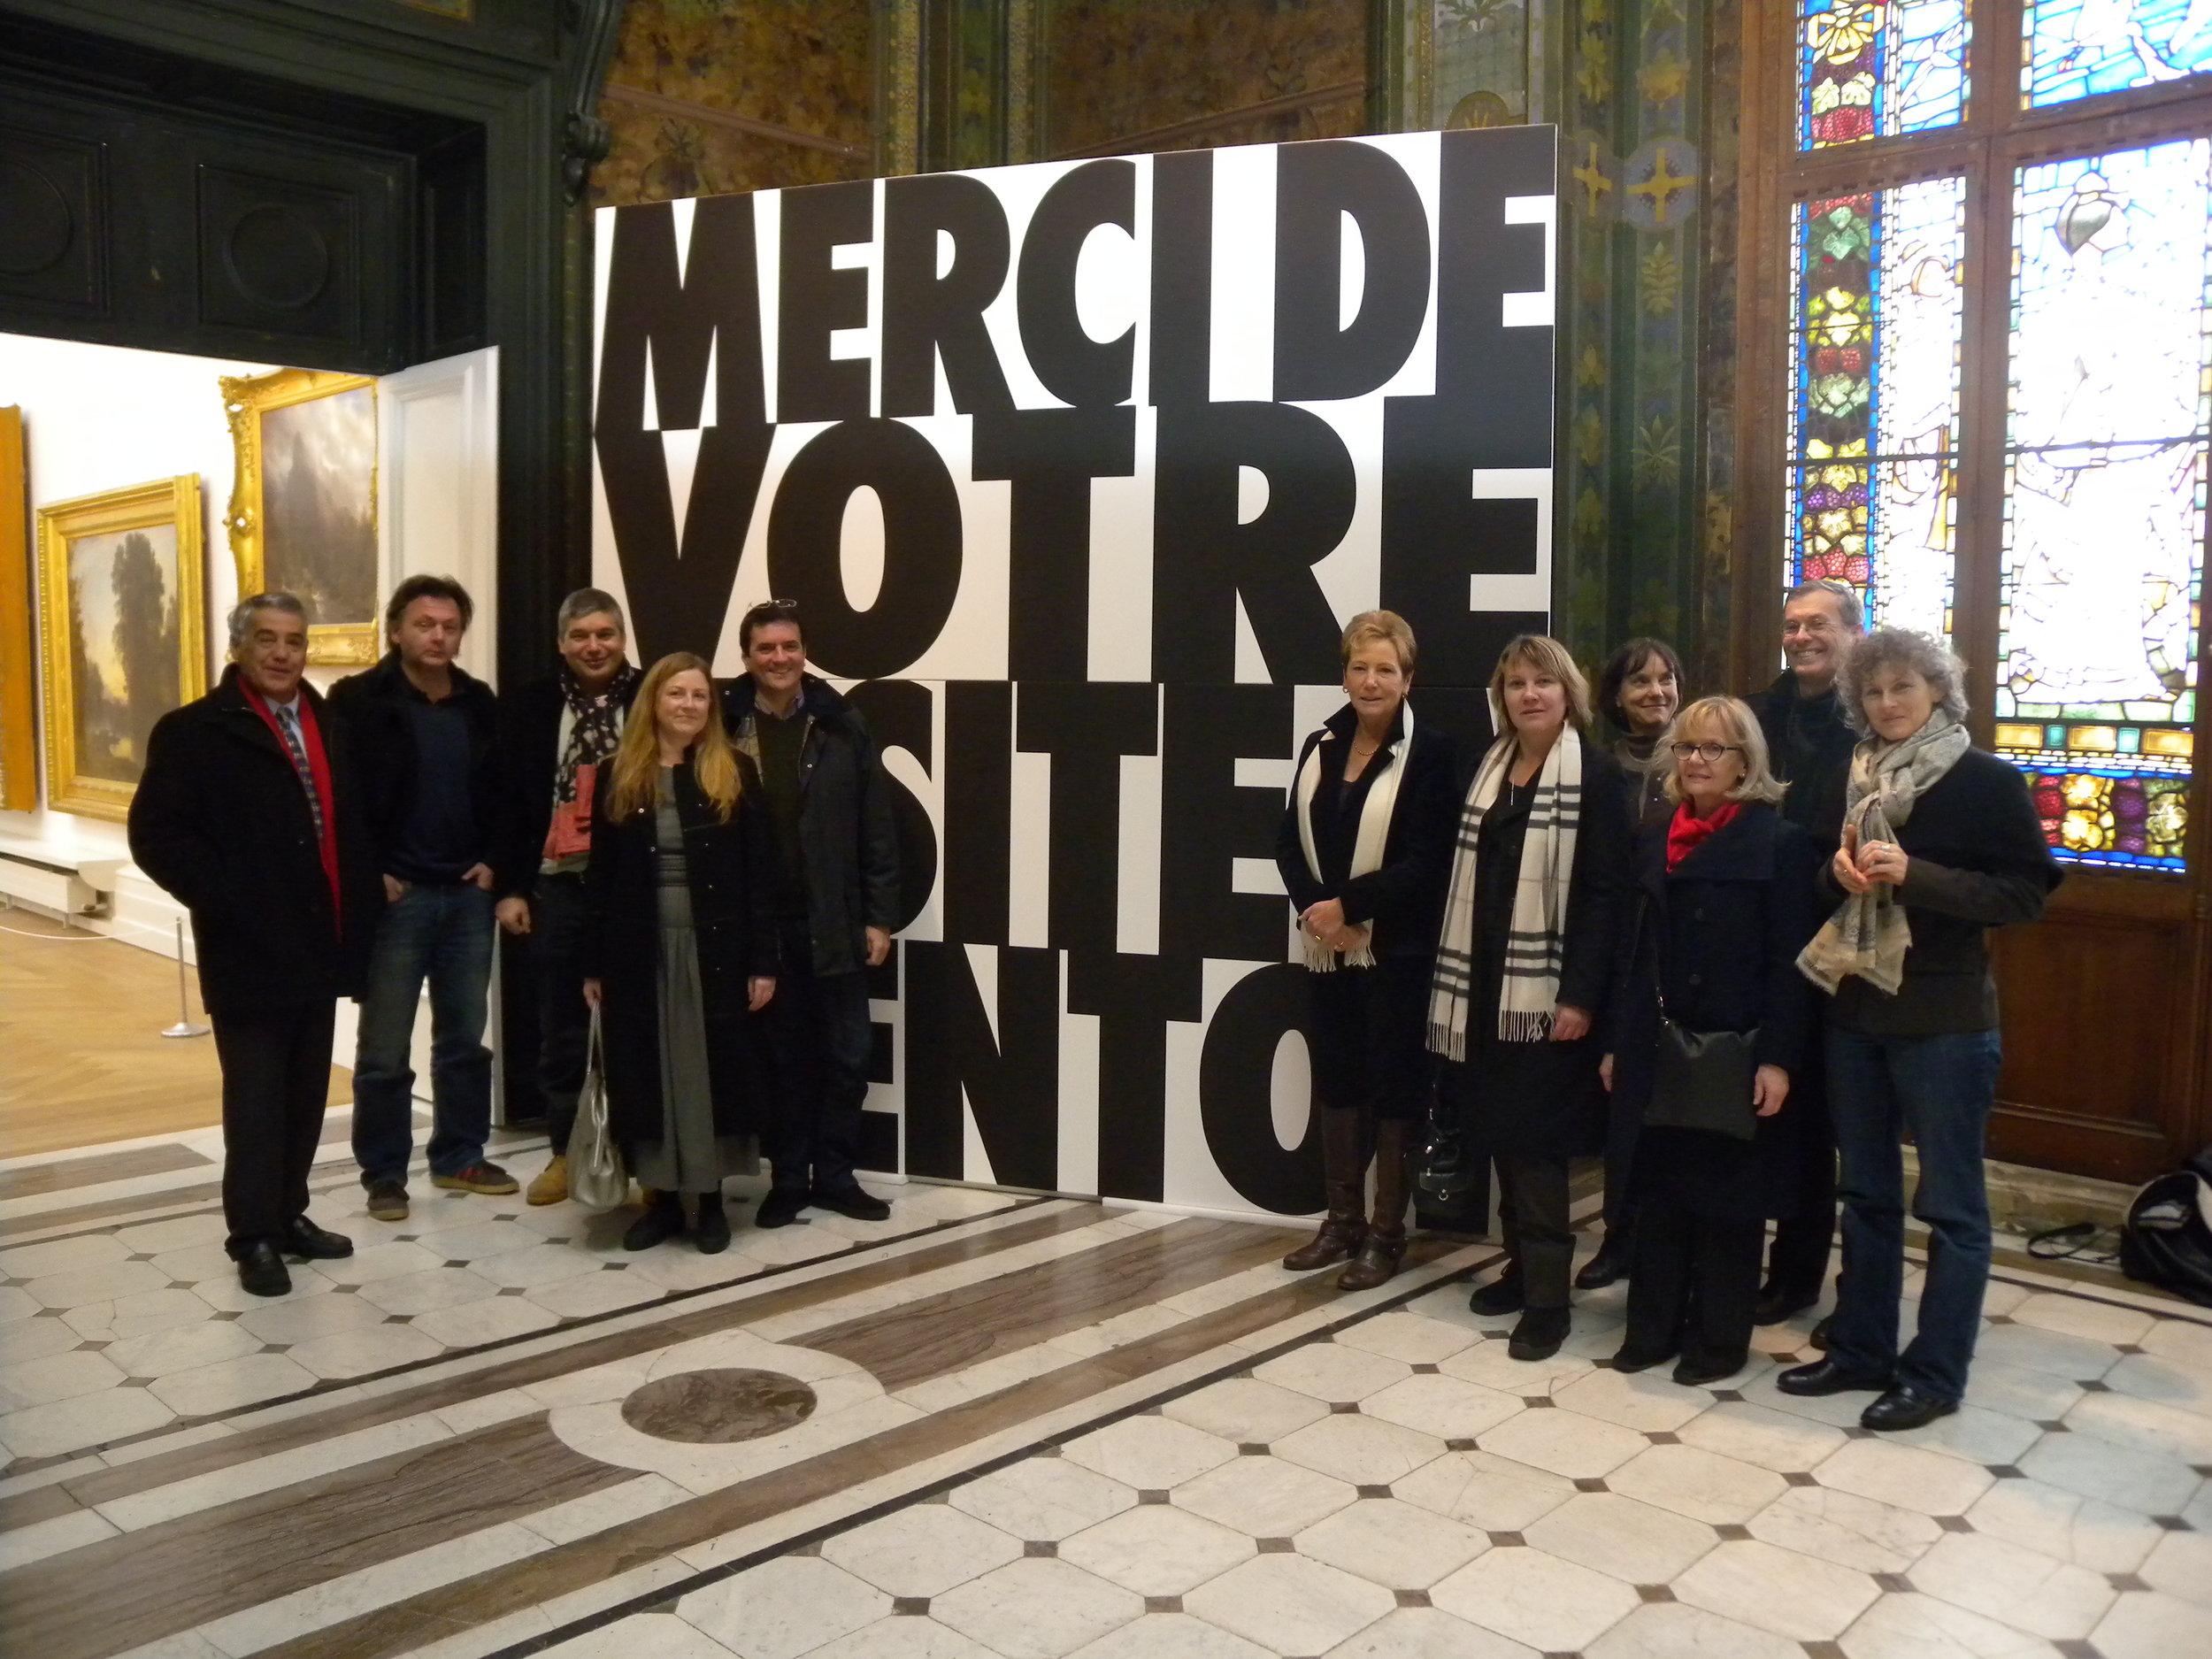 Remise officielle de l'oeuvre le 17 décembre 2010, en compagnie de l'artiste Christian Robert-Tissot,de la directrice des affaires culturelles de la Ville de Neuchâtel Françoise Jeanneret et de la présidente d'ARTHIS Violaine Barrelet.